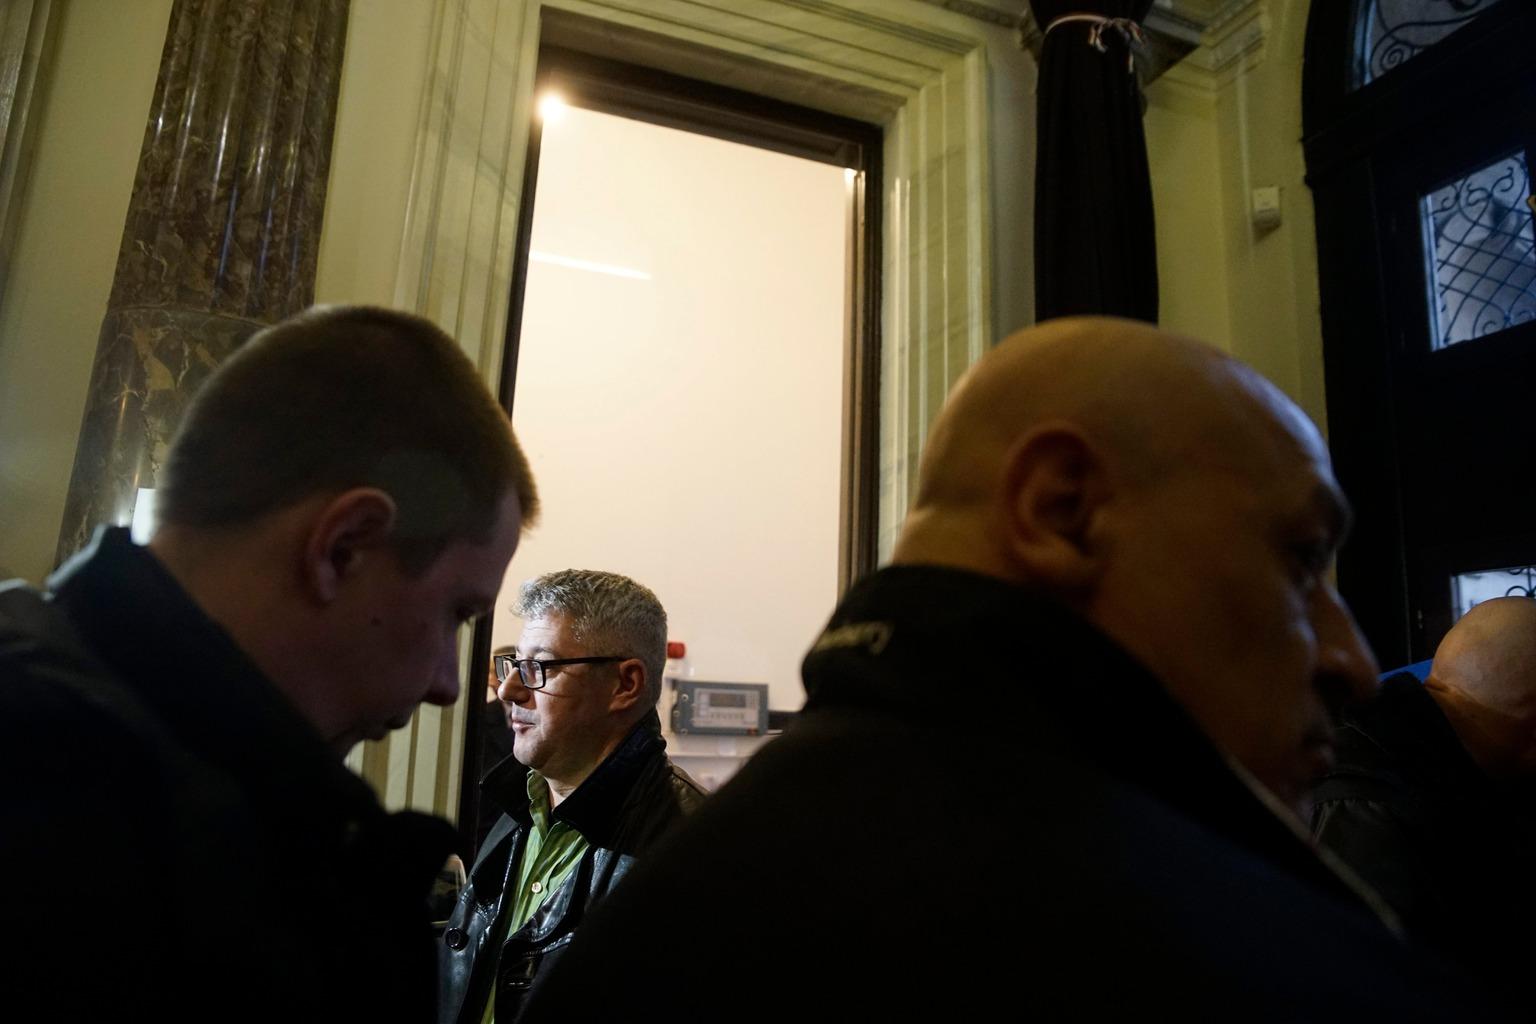 Budapest, 2016. február 23. Nyakó István MSZP-s politikus, volt országgyűlési képviselő Budapesten, a Nemzeti Választási Iroda épületében 2016. február 23-án. A párt újra megpróbálja benyújtani a Nemzeti Választási Irodánál a vasárnapi zárva tartásról szóló népszavazási kérdését, miután a Kúria ma dönt arról, átengedi-e az előtte fekvő, a hasonló ügyben benyújtott népszavazási kérdést. Mellette egy csoport tagjai, amely szintén beadvány benyújtására készül. MTI Fotó: Balogh Zoltán